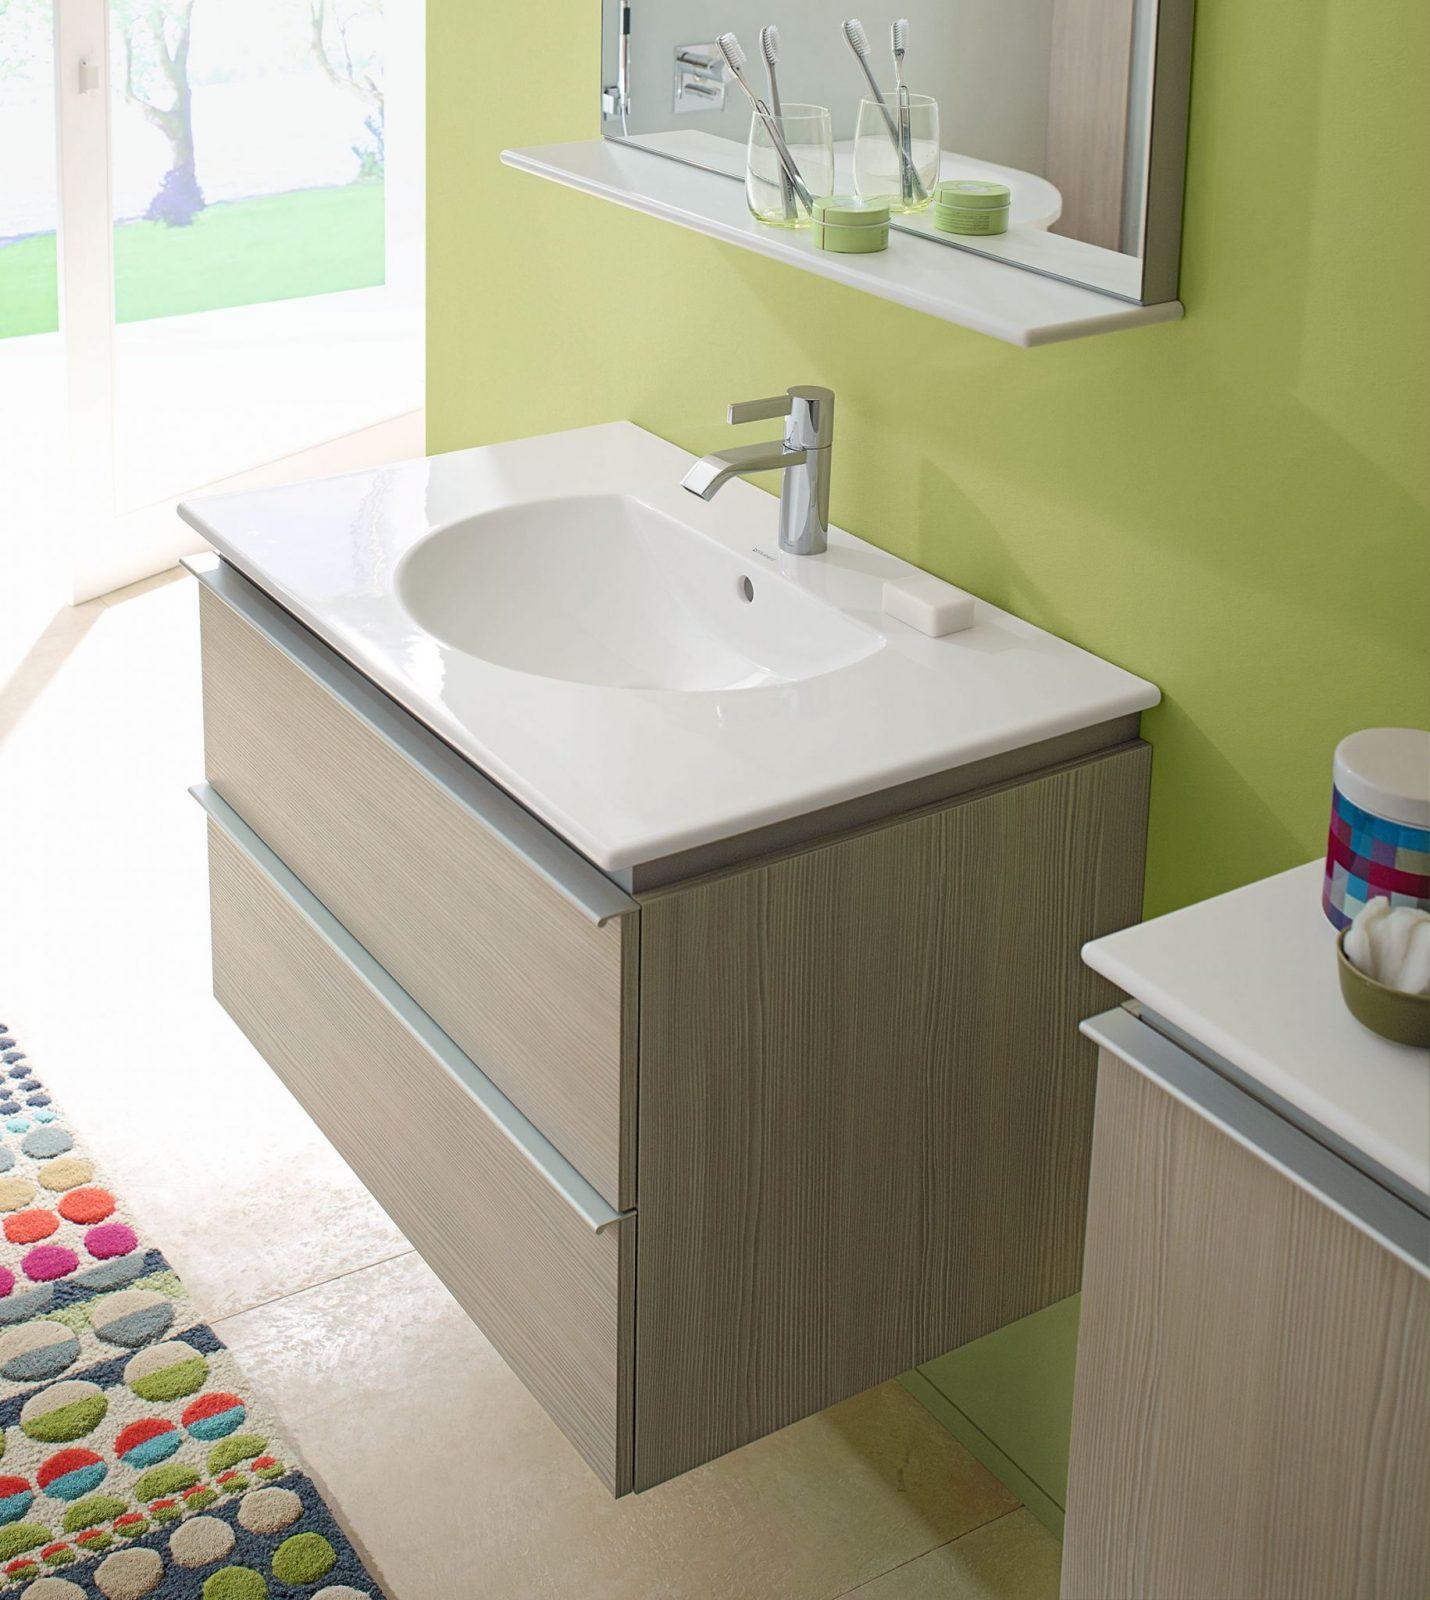 fiche technique toilette au lavabo 28 images lavabos. Black Bedroom Furniture Sets. Home Design Ideas